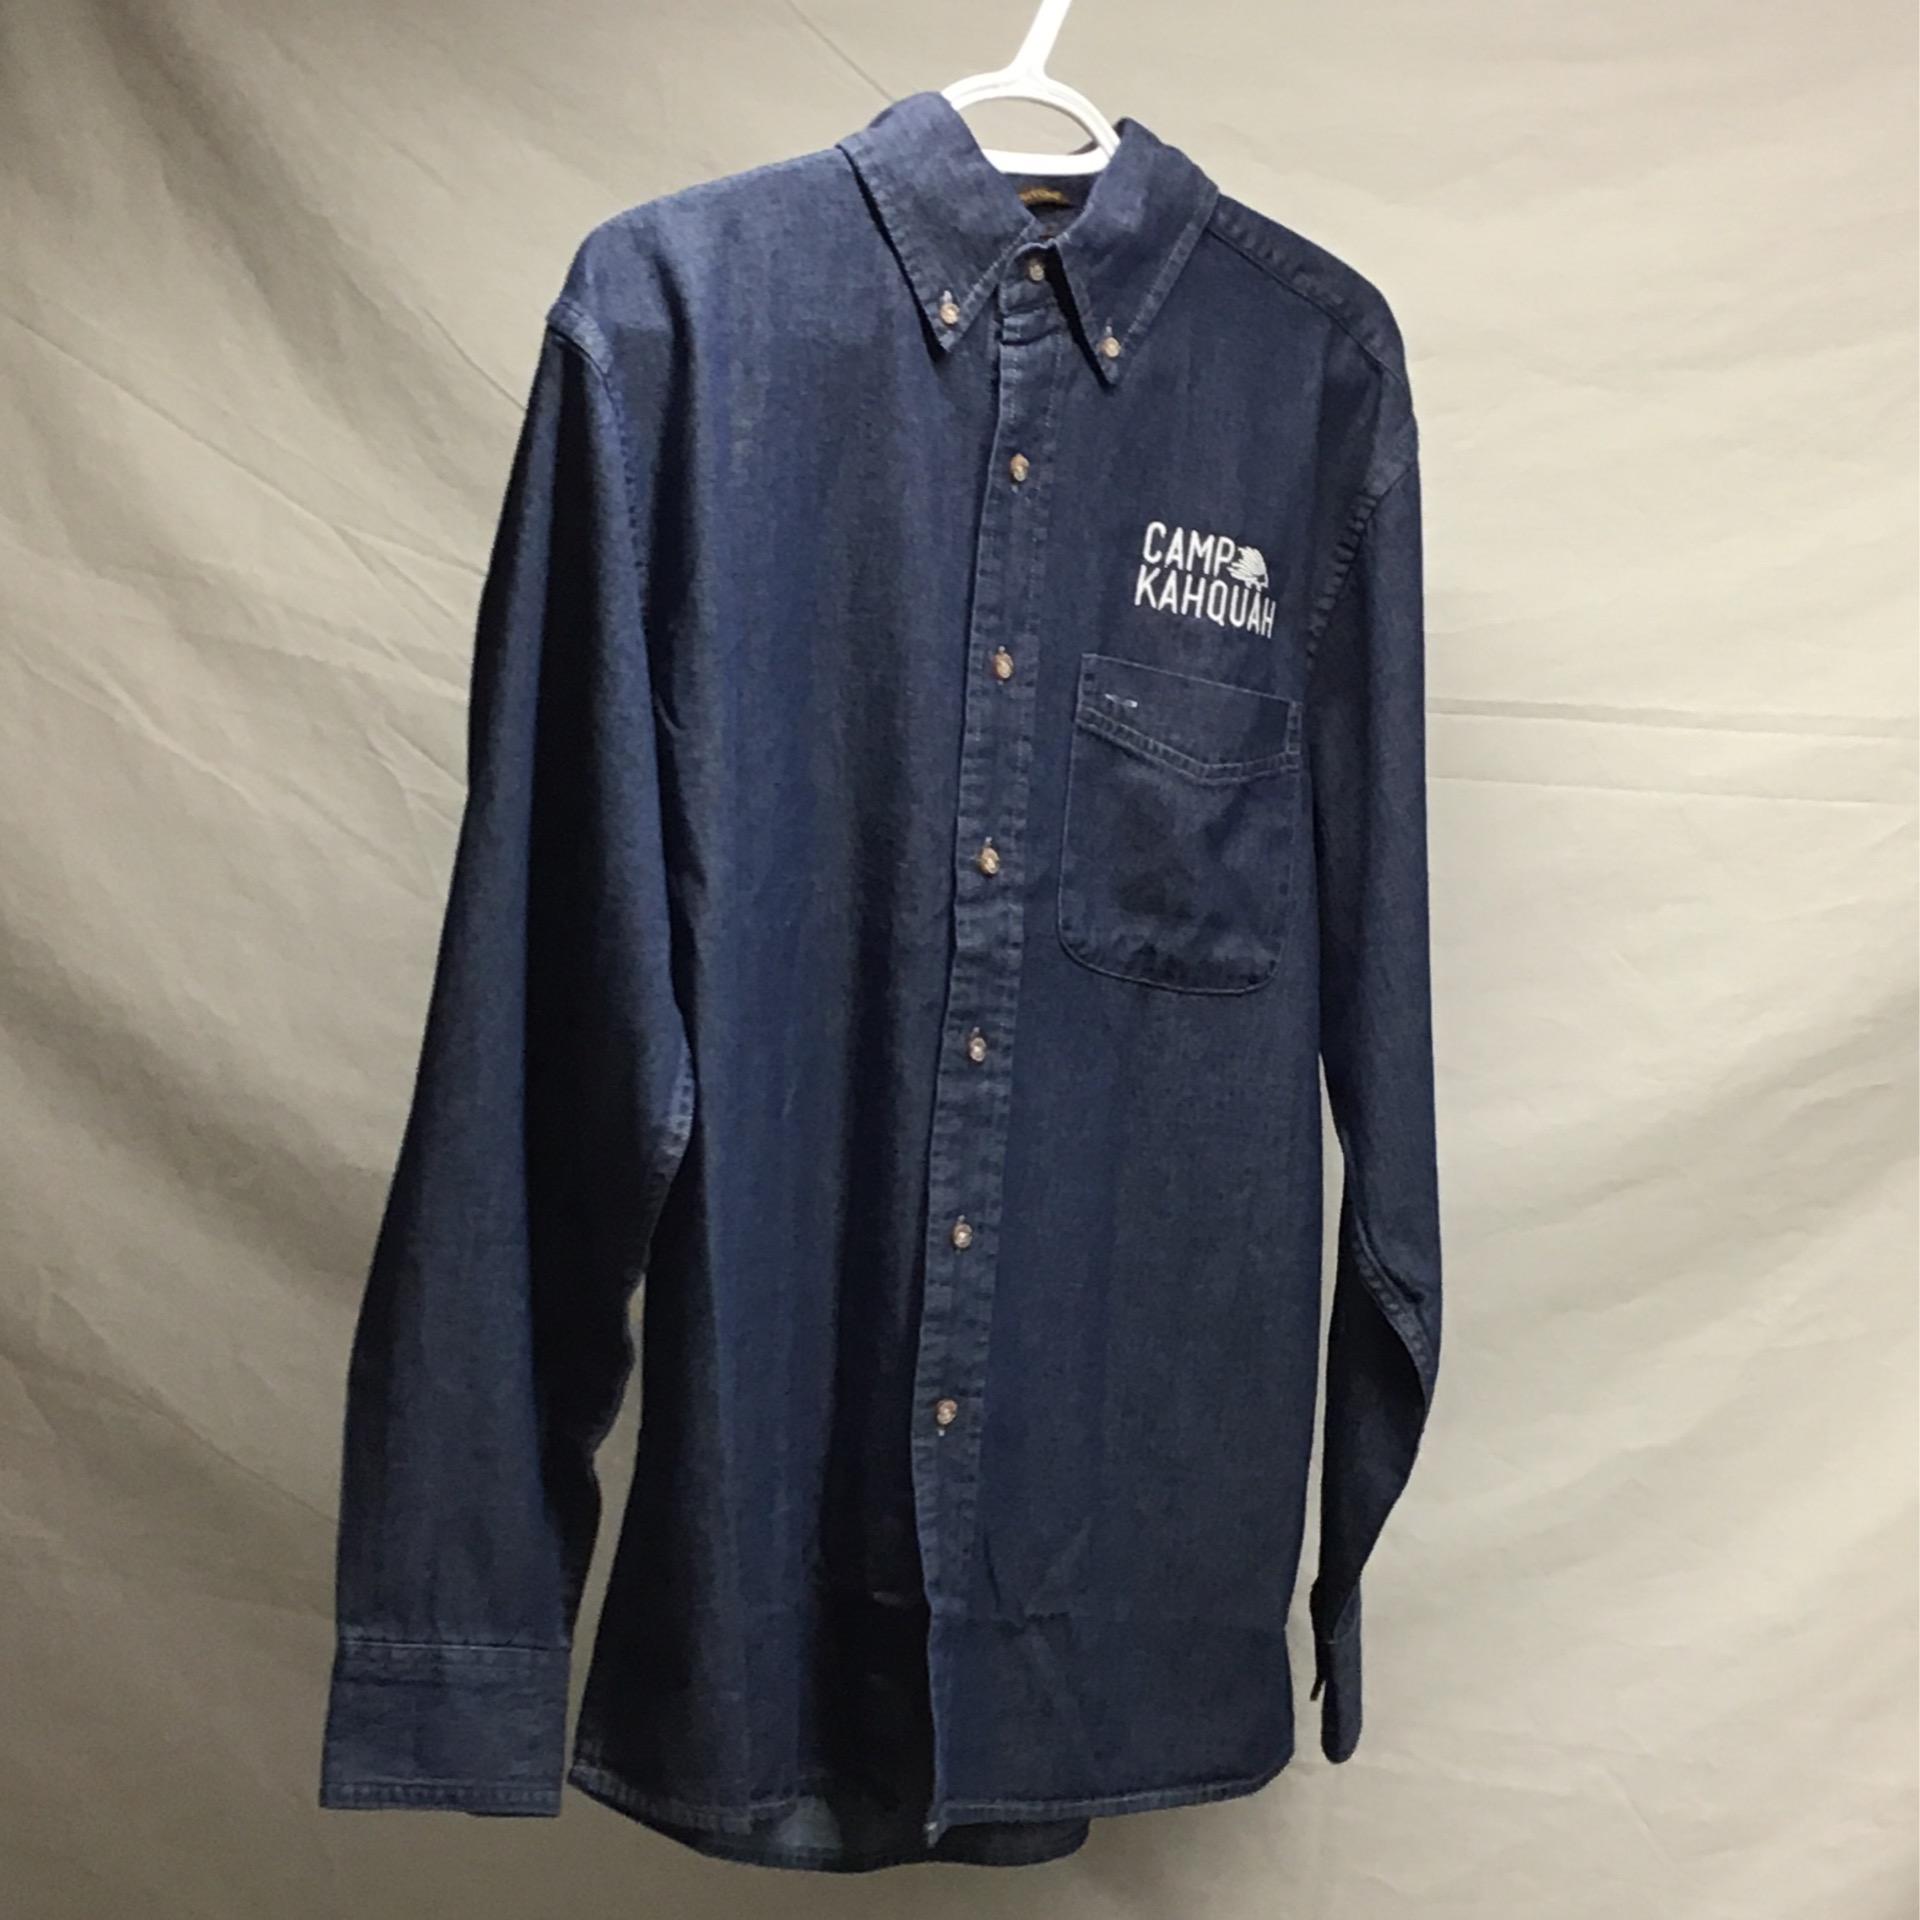 Denim Jacket/Shirt